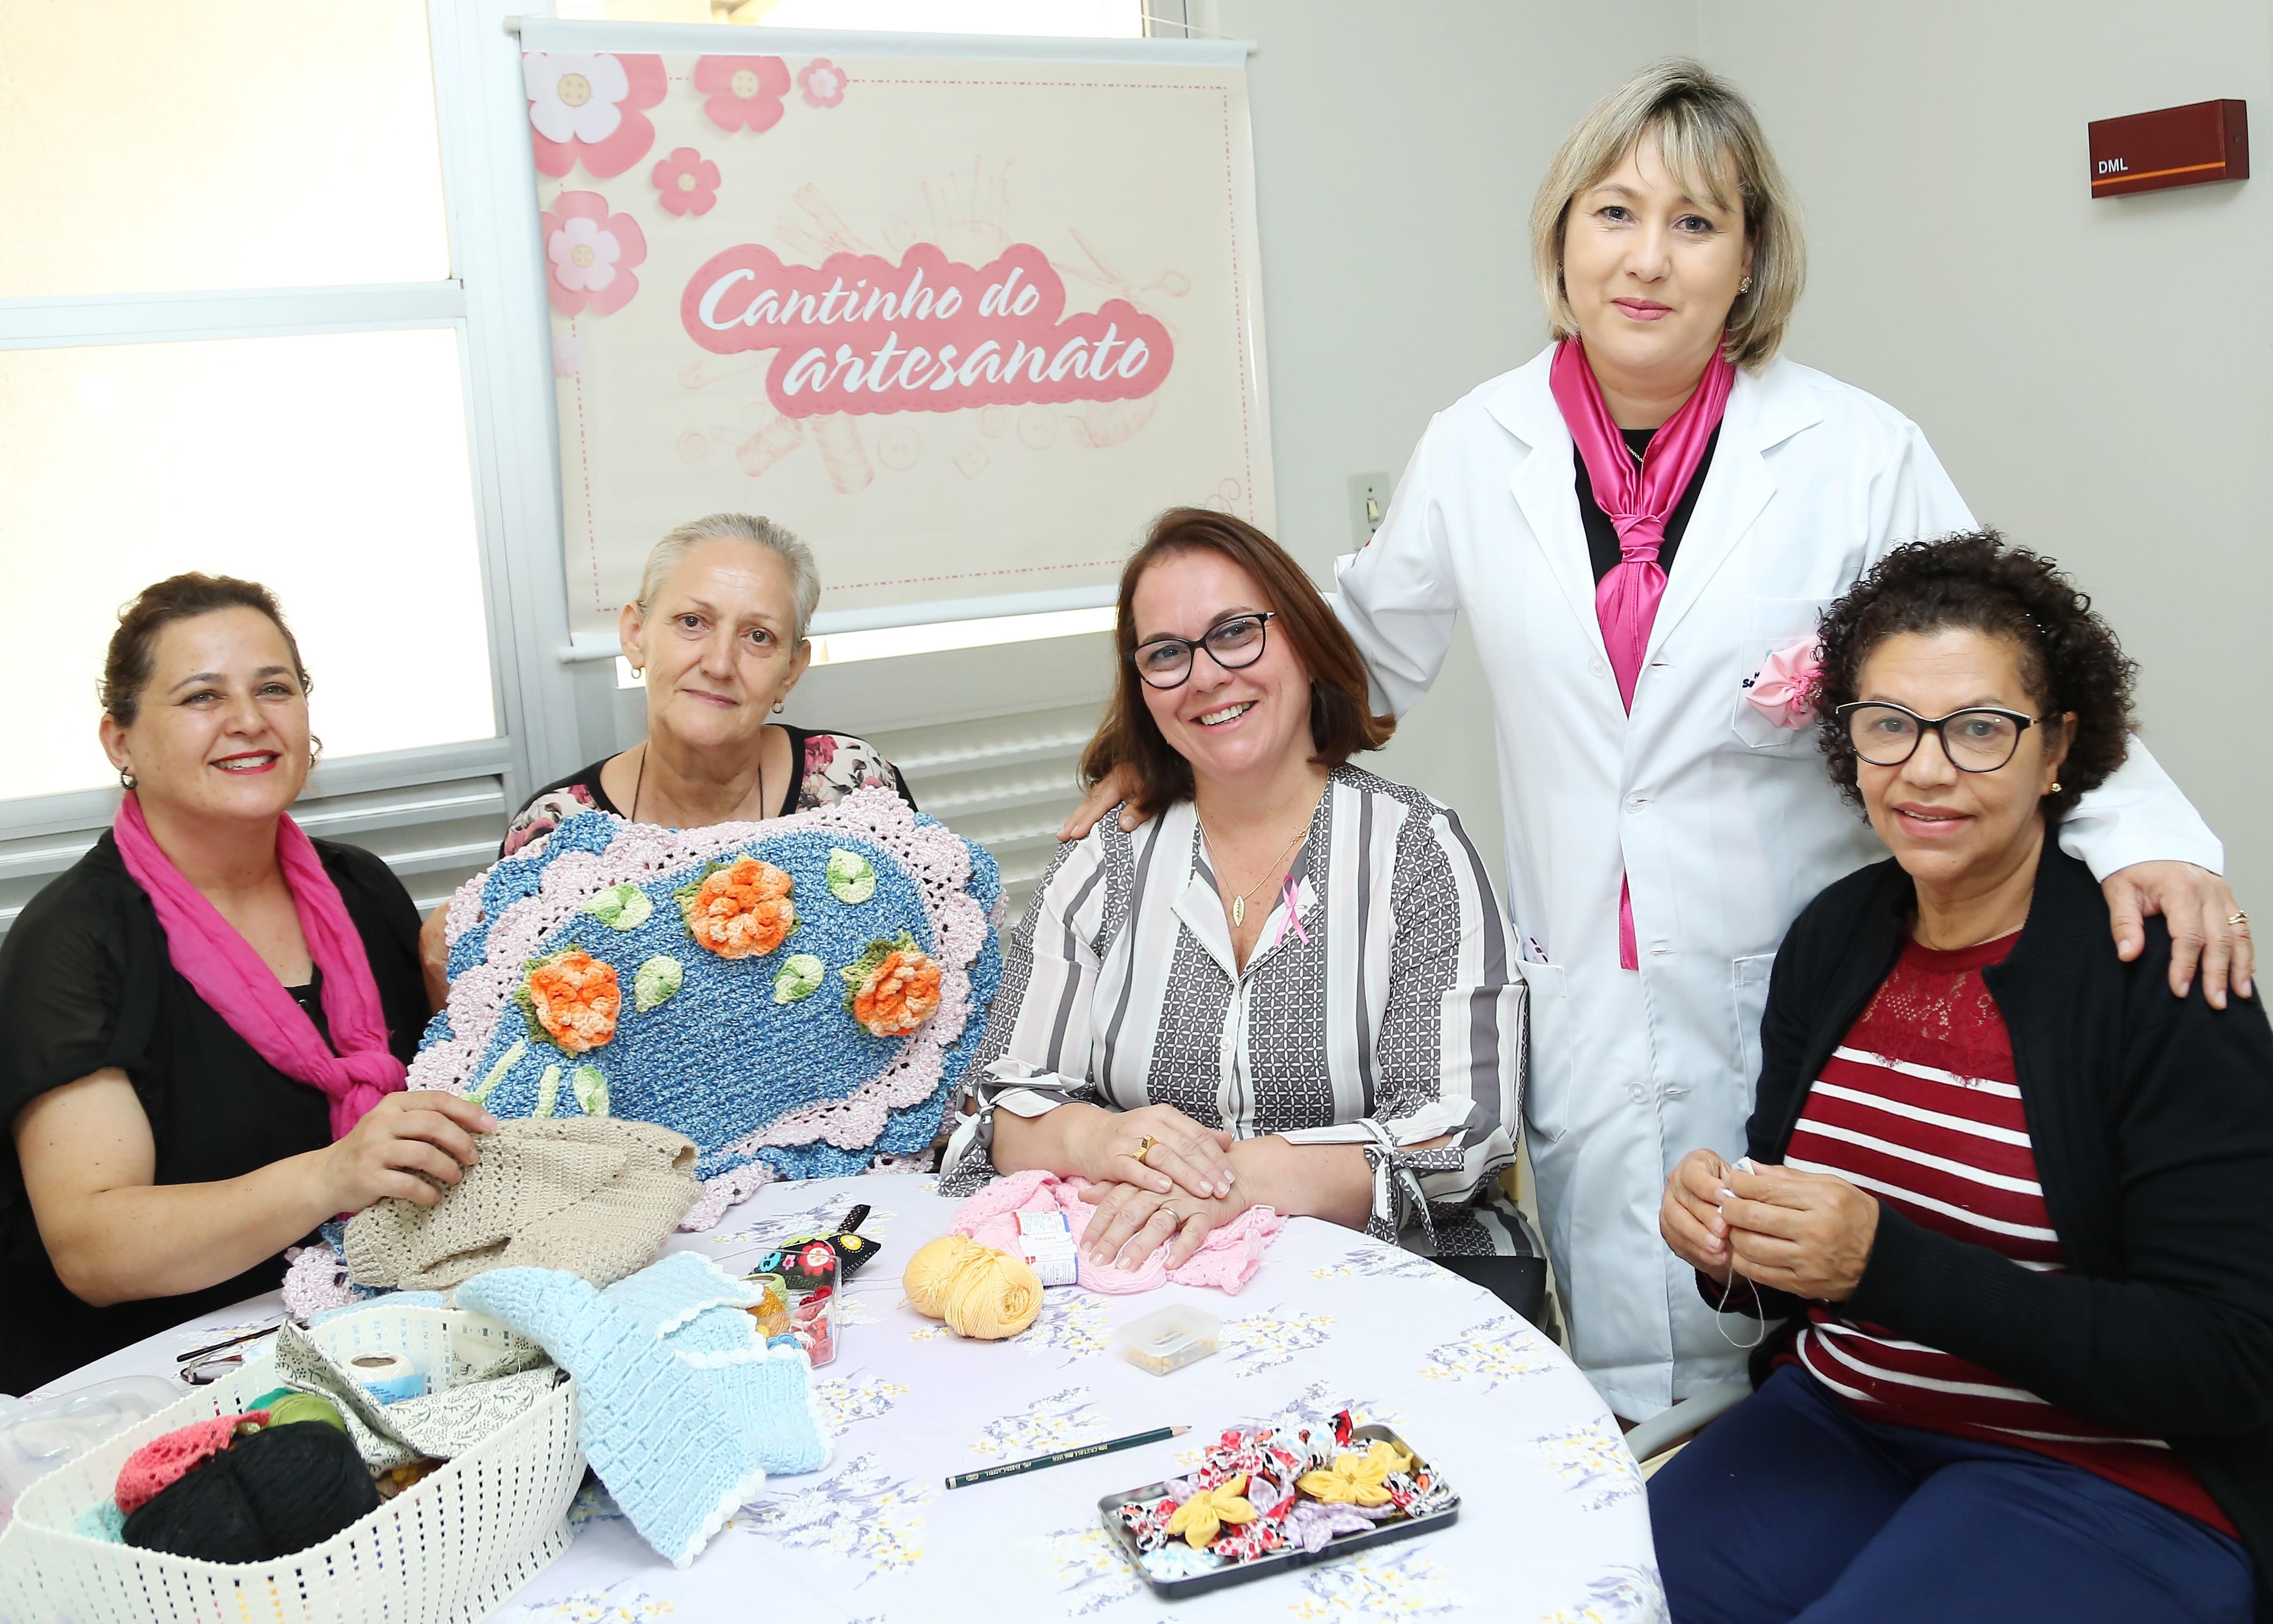 Artesanato alivia angústia de mulheres e pacientes de câncer que passam por exame de mamografia em Curitiba - Notícias - Plantão Diário